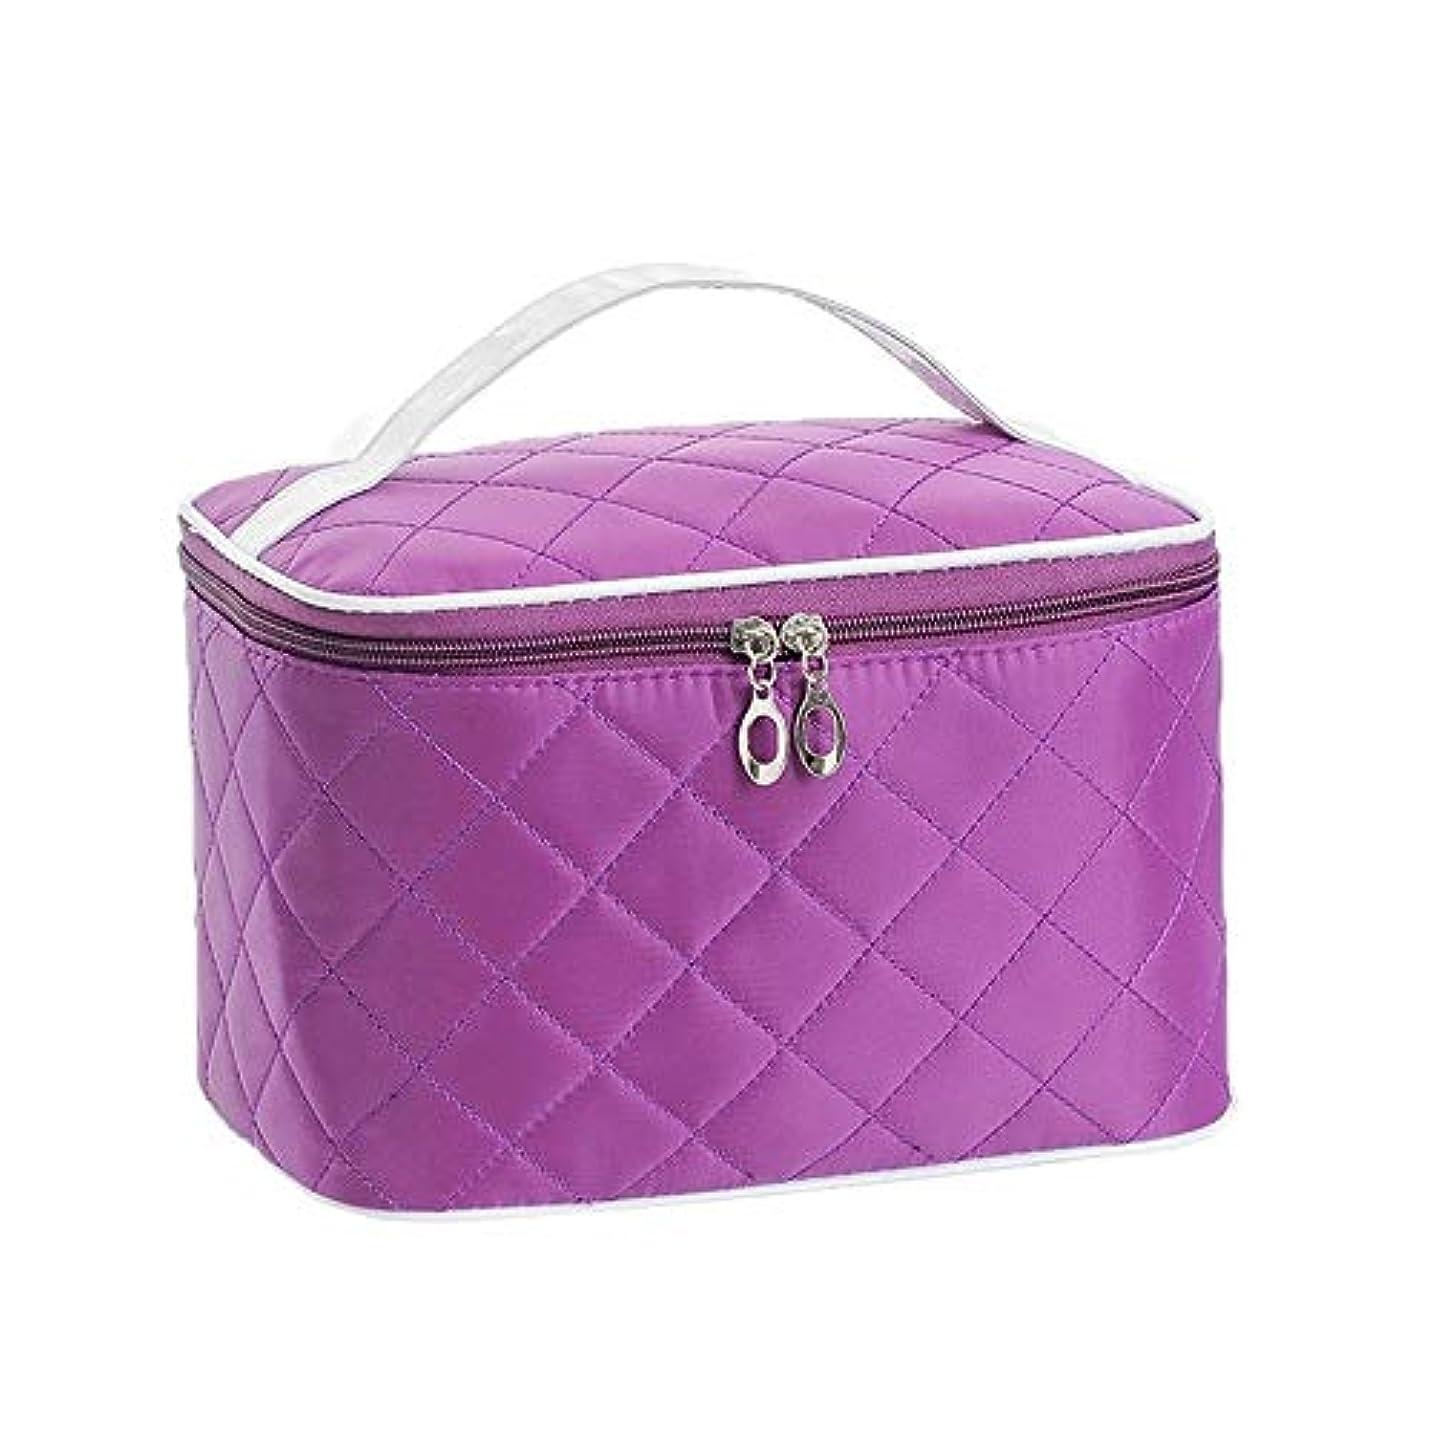 ラブアセ最初はVenenos ハンドル収納袋が付いている化粧箱の大きい宇宙旅行化粧品の箱のポータブル化粧品袋